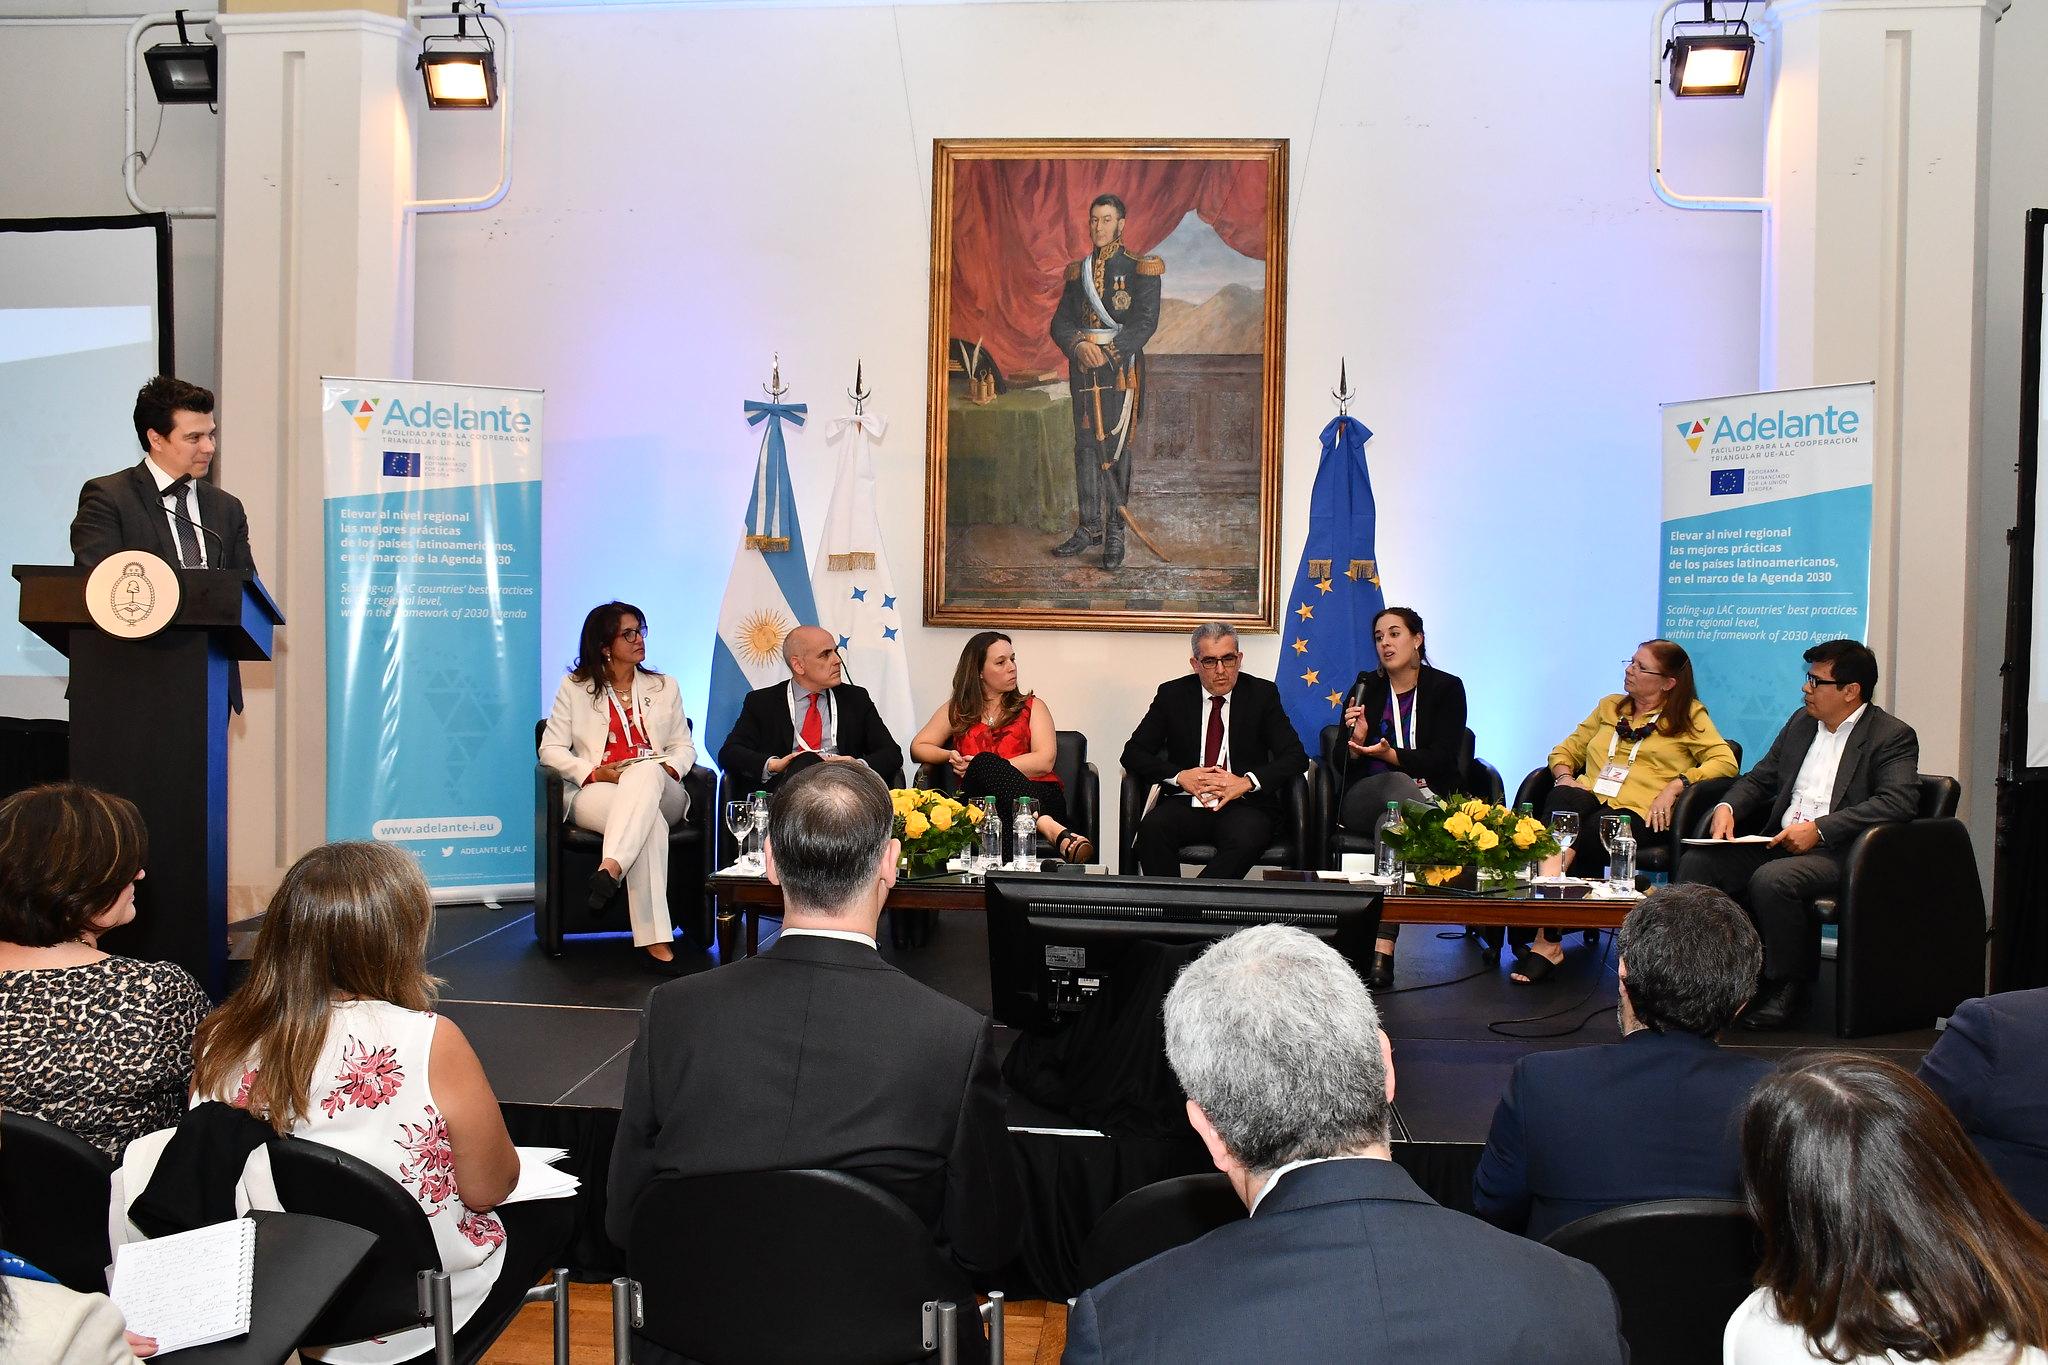 Claudio Salinas, Jefe de Sector en la Dirección de Cooperación para América Latina y el Caribe - UE, iniciando el diálogo con los proyectos ADELANTE.